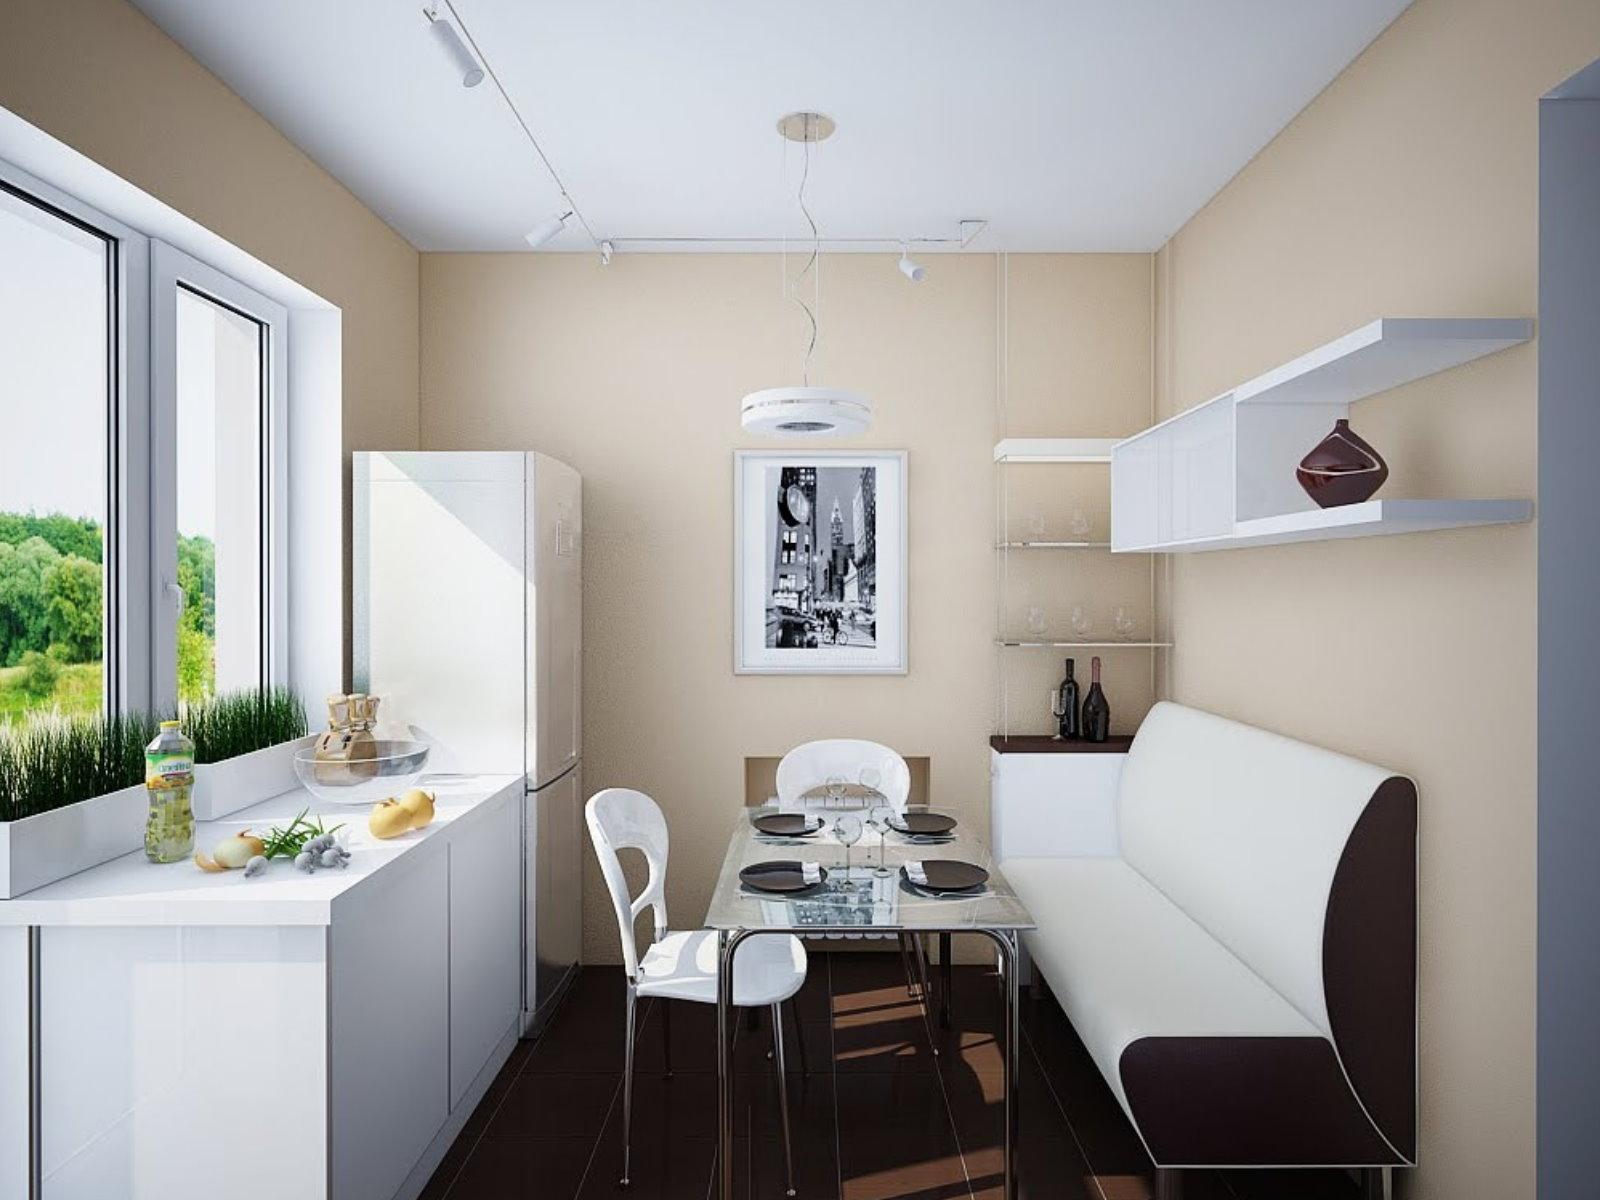 Идеи дизайна маленькой кухни (9 квадратов) с фотографиями.